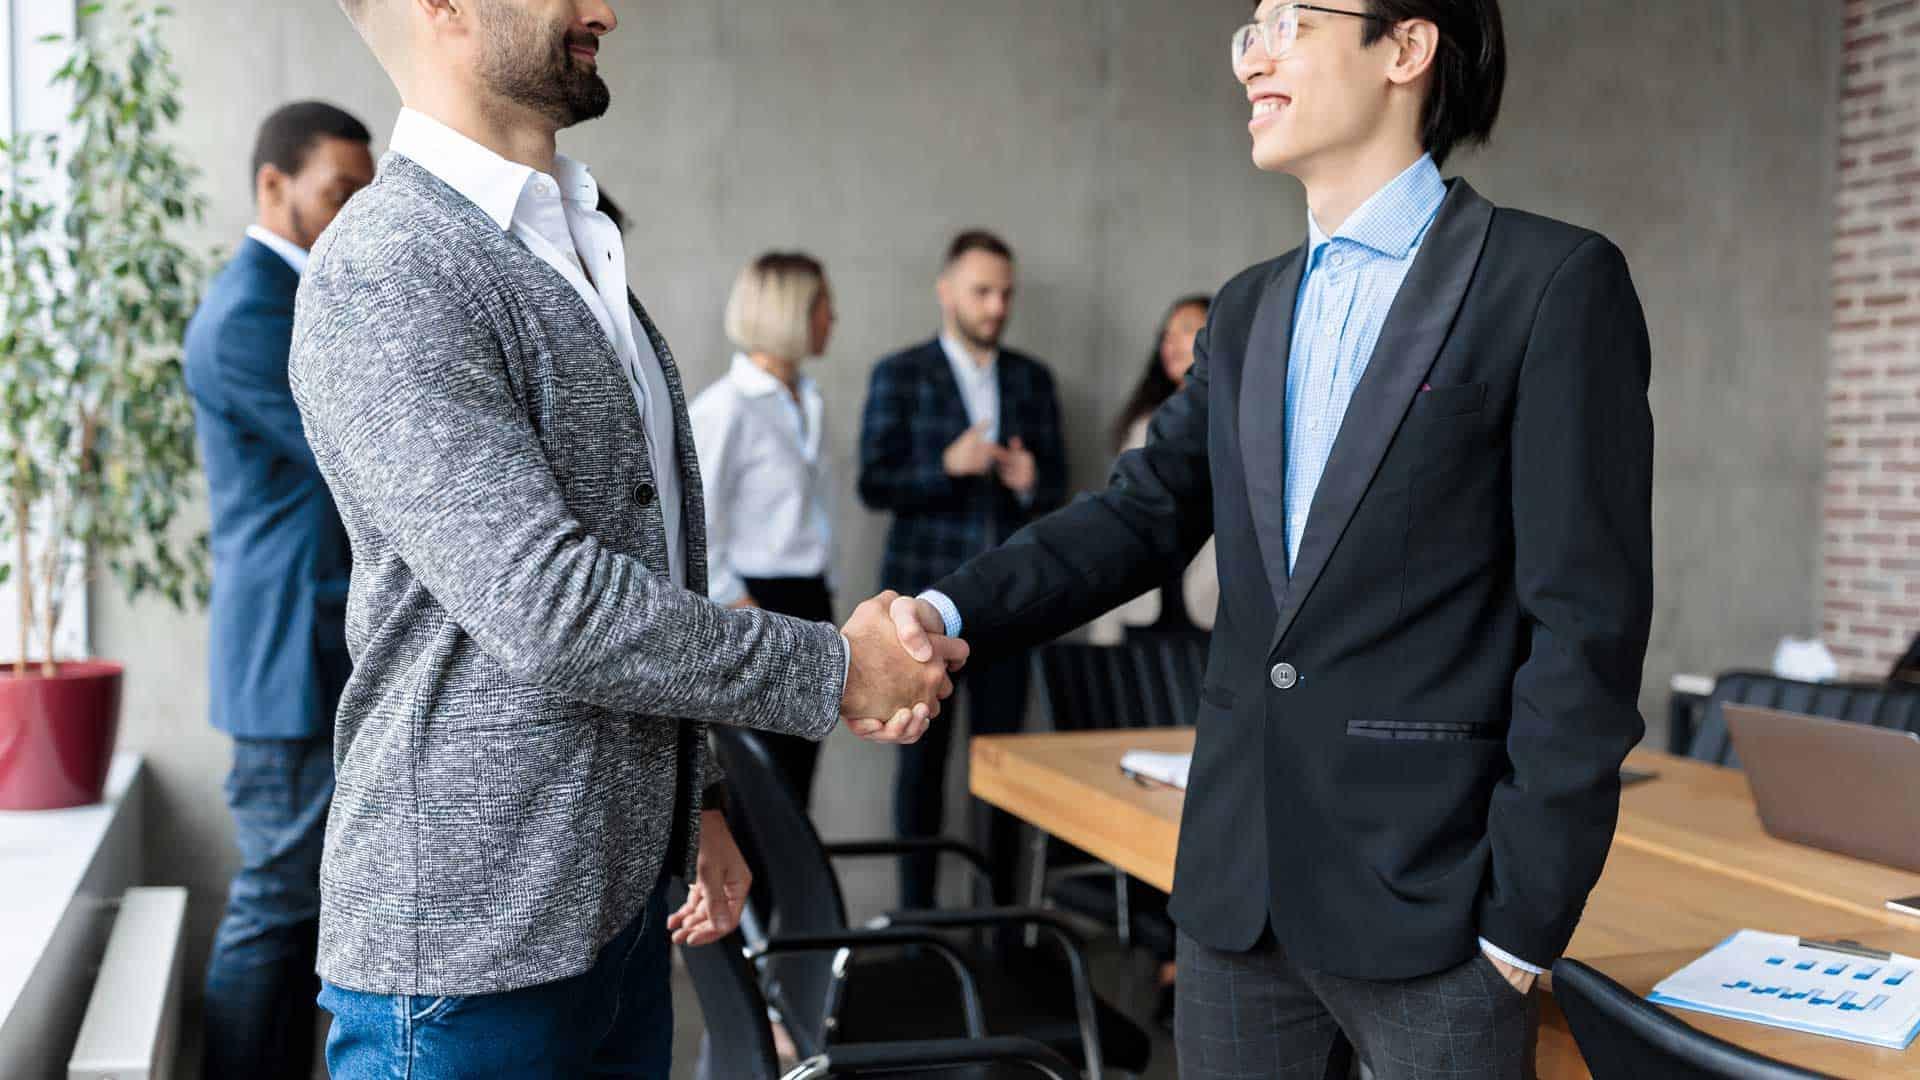 Marco Principi Coaching Podcast Tips La Negoziazione